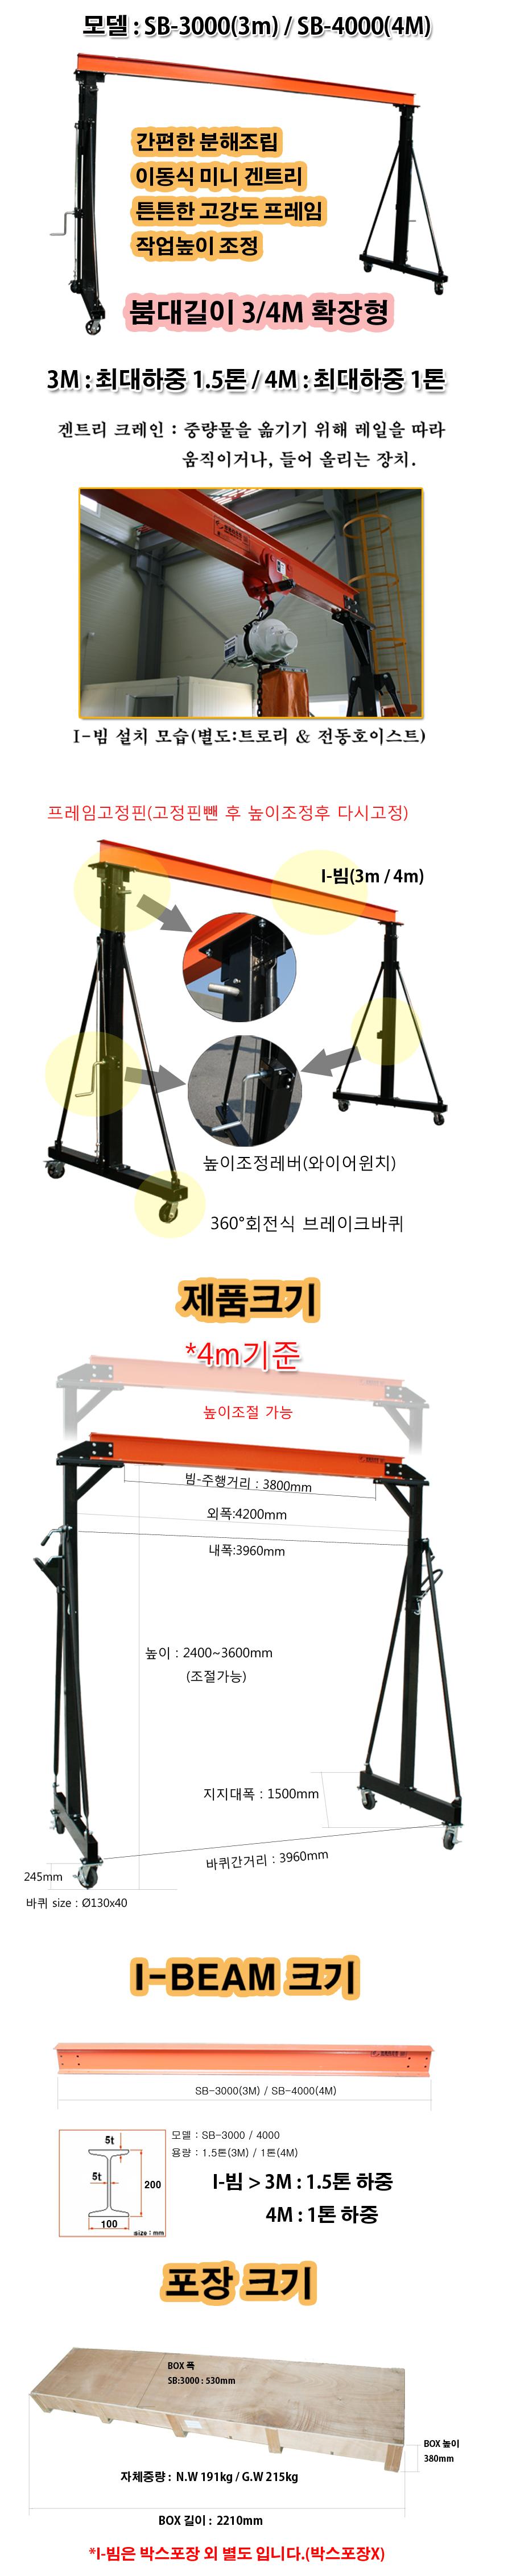 (주)쌍용리프트 이동식 겐트리 크레인 (확장형) SB-3000(3m) / SB-4000(4m)